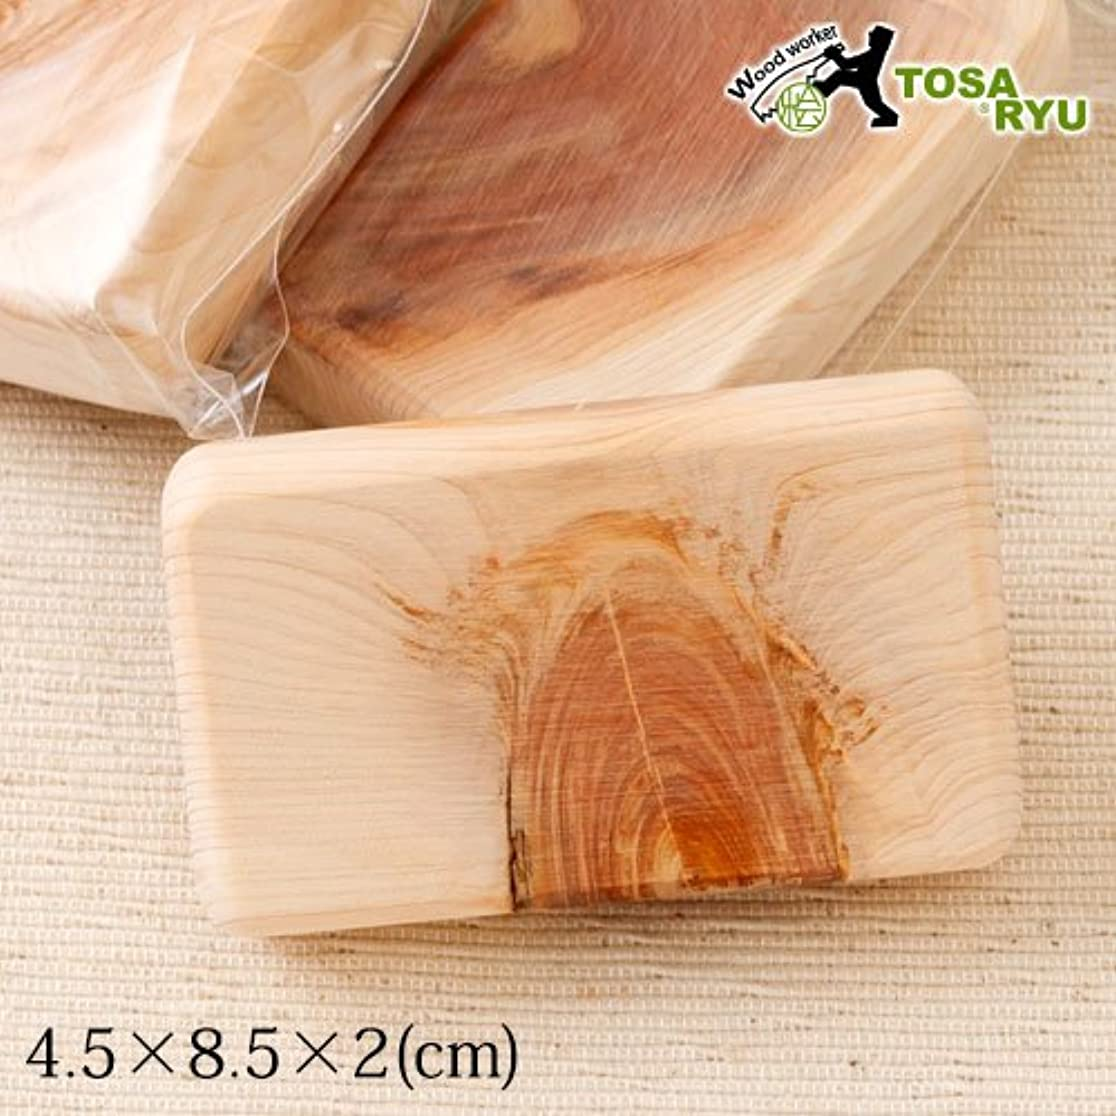 止まる監督する水銀の土佐龍アロマブロック(1個)高知県の工芸品Aroma massager of cypress, Kochi craft